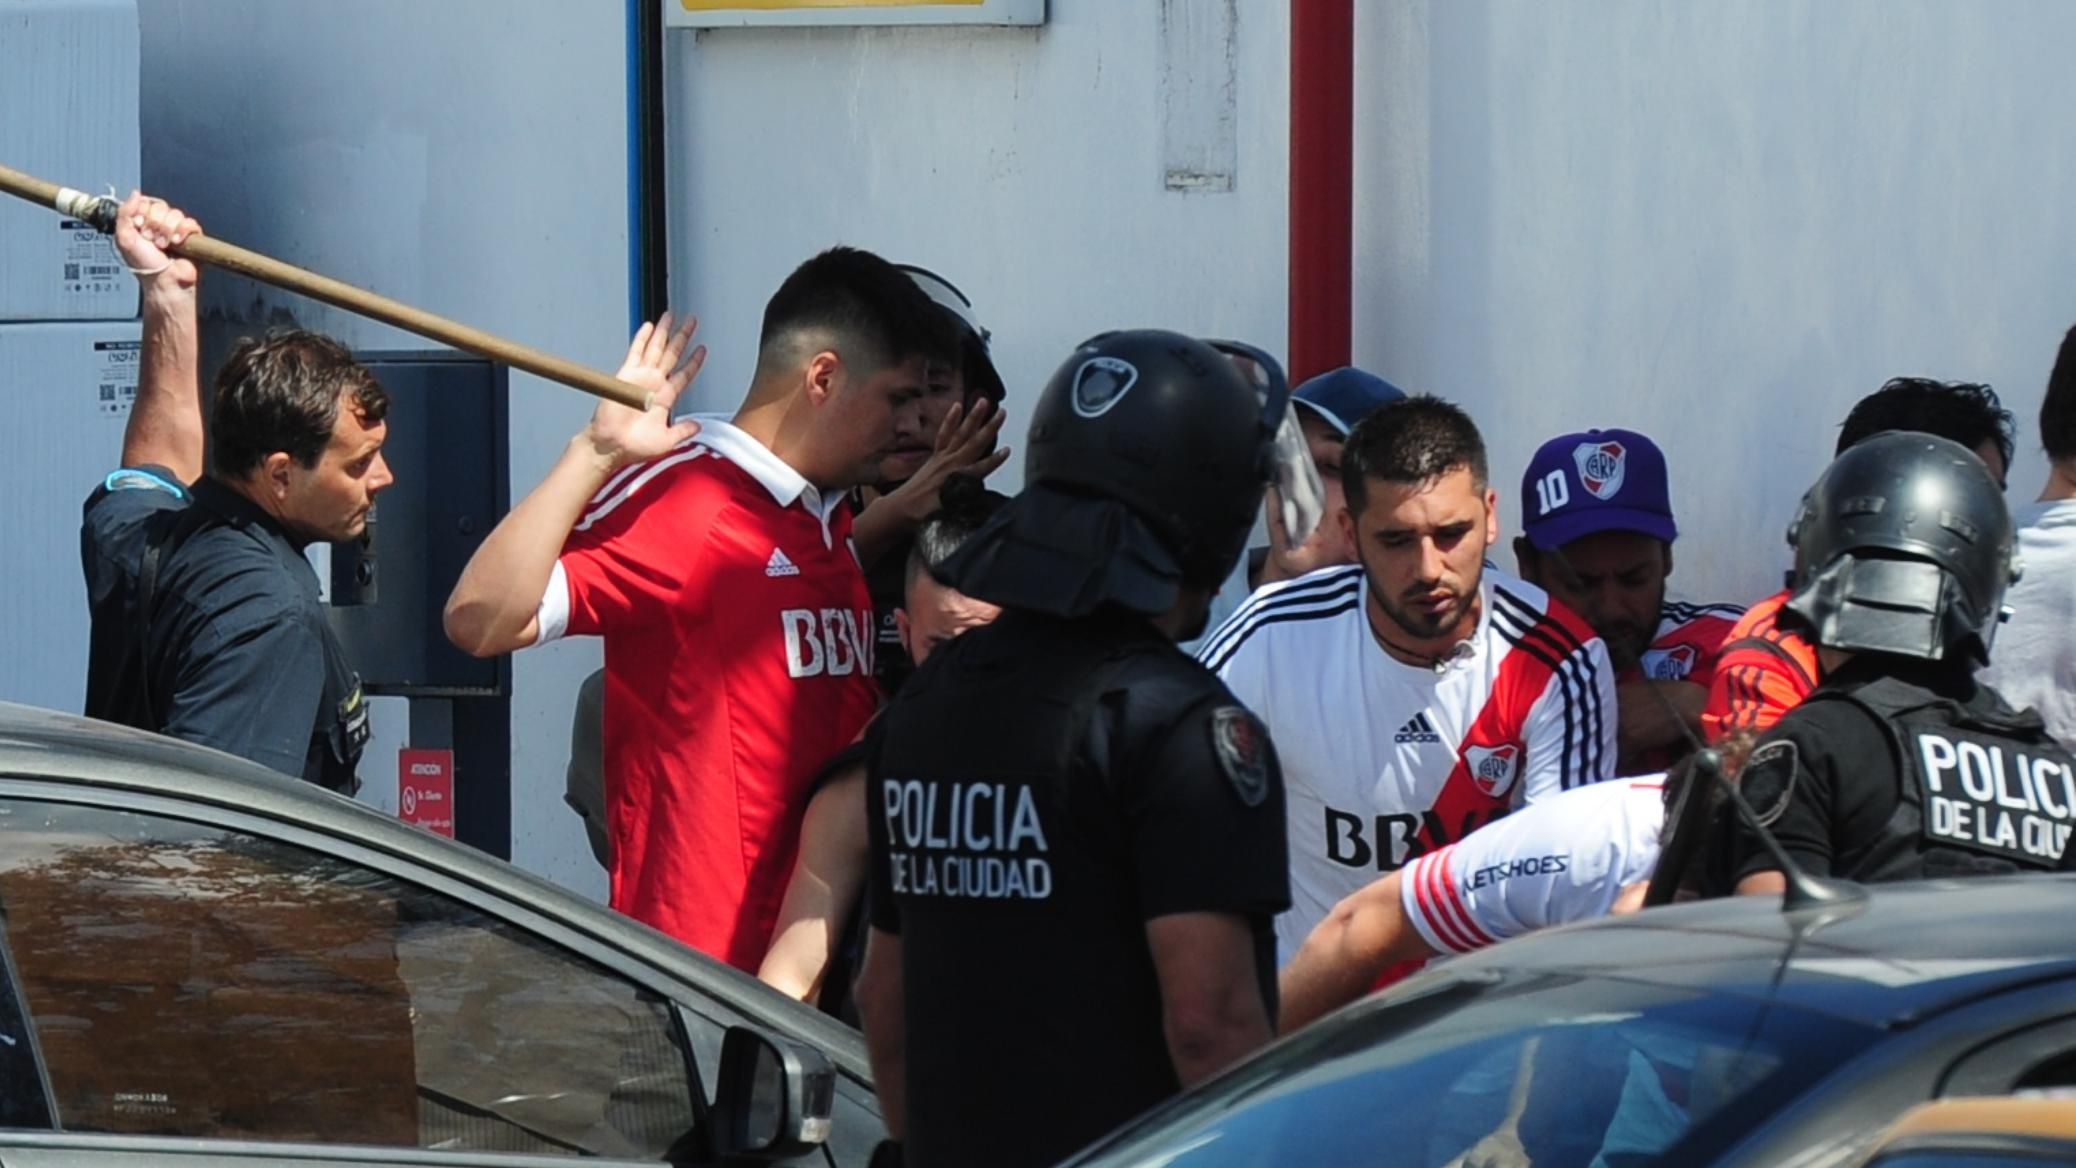 Incidentes durante la llegada del ómnibus que llevaba a los jugadores de Boca al Monumental.